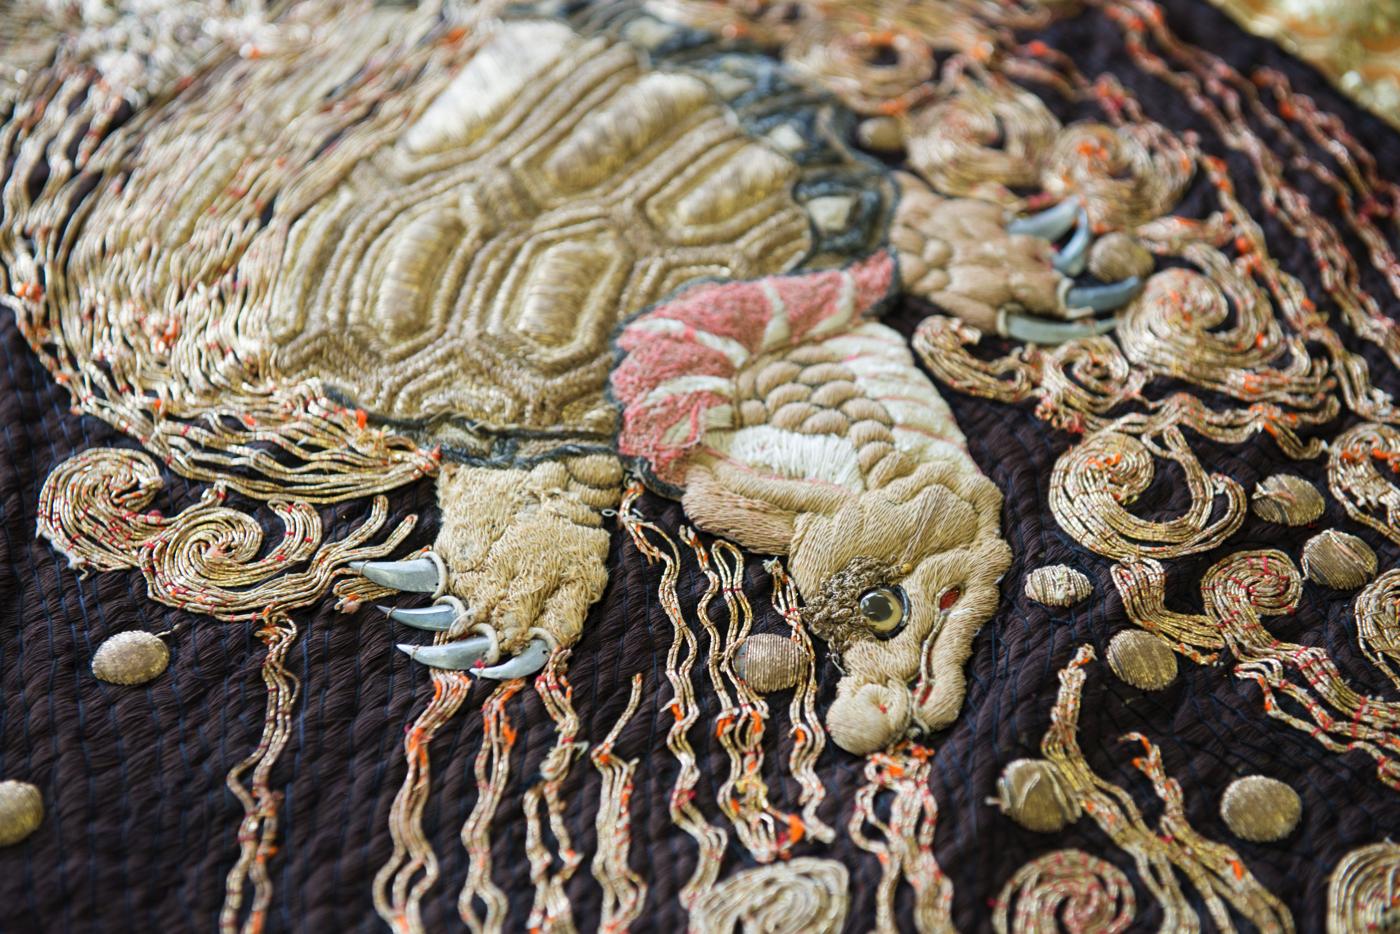 刺繍をできる伝統工芸士も減少しています。高齢化や後継者不足による職人減少の問題は、八代だけではなく祇園なども含め全国的に抱えている問題です